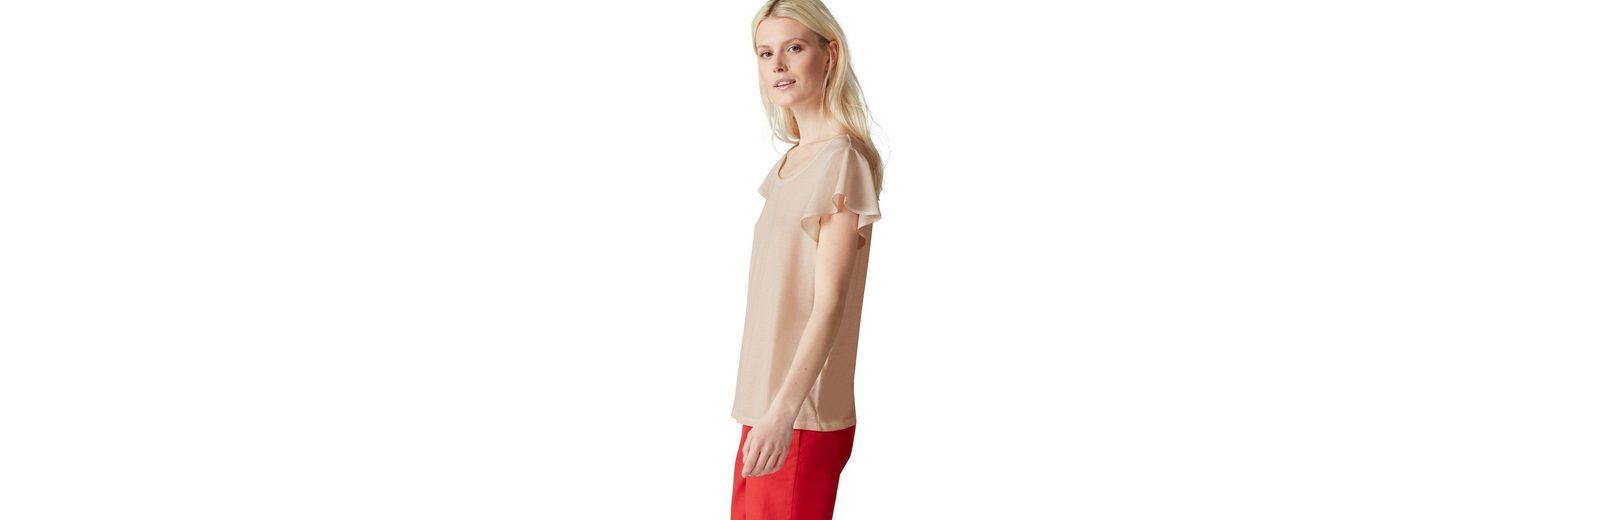 Marc O'Polo T-Shirt Günstig Kaufen Vermarktbare Verkauf Limitierter Auflage Verkauf Der Billigsten Sneakernews Online SDZEx5